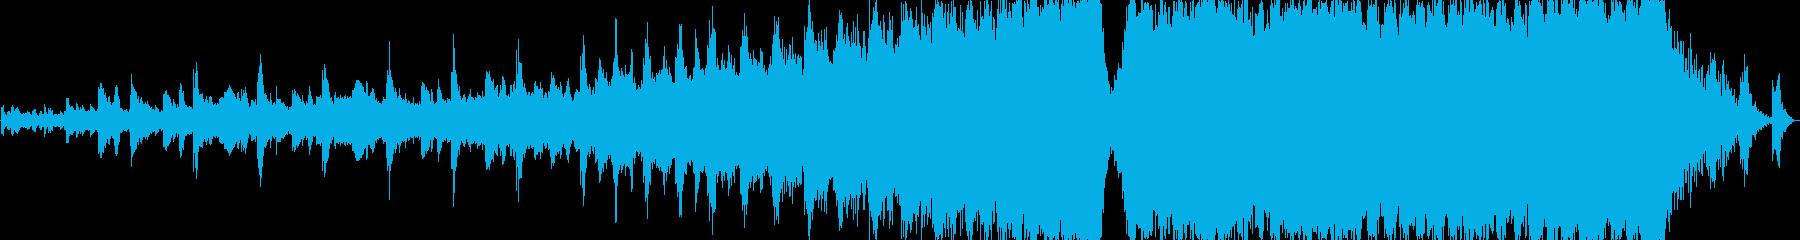 シネマティック 勝利者 エキゾチッ...の再生済みの波形